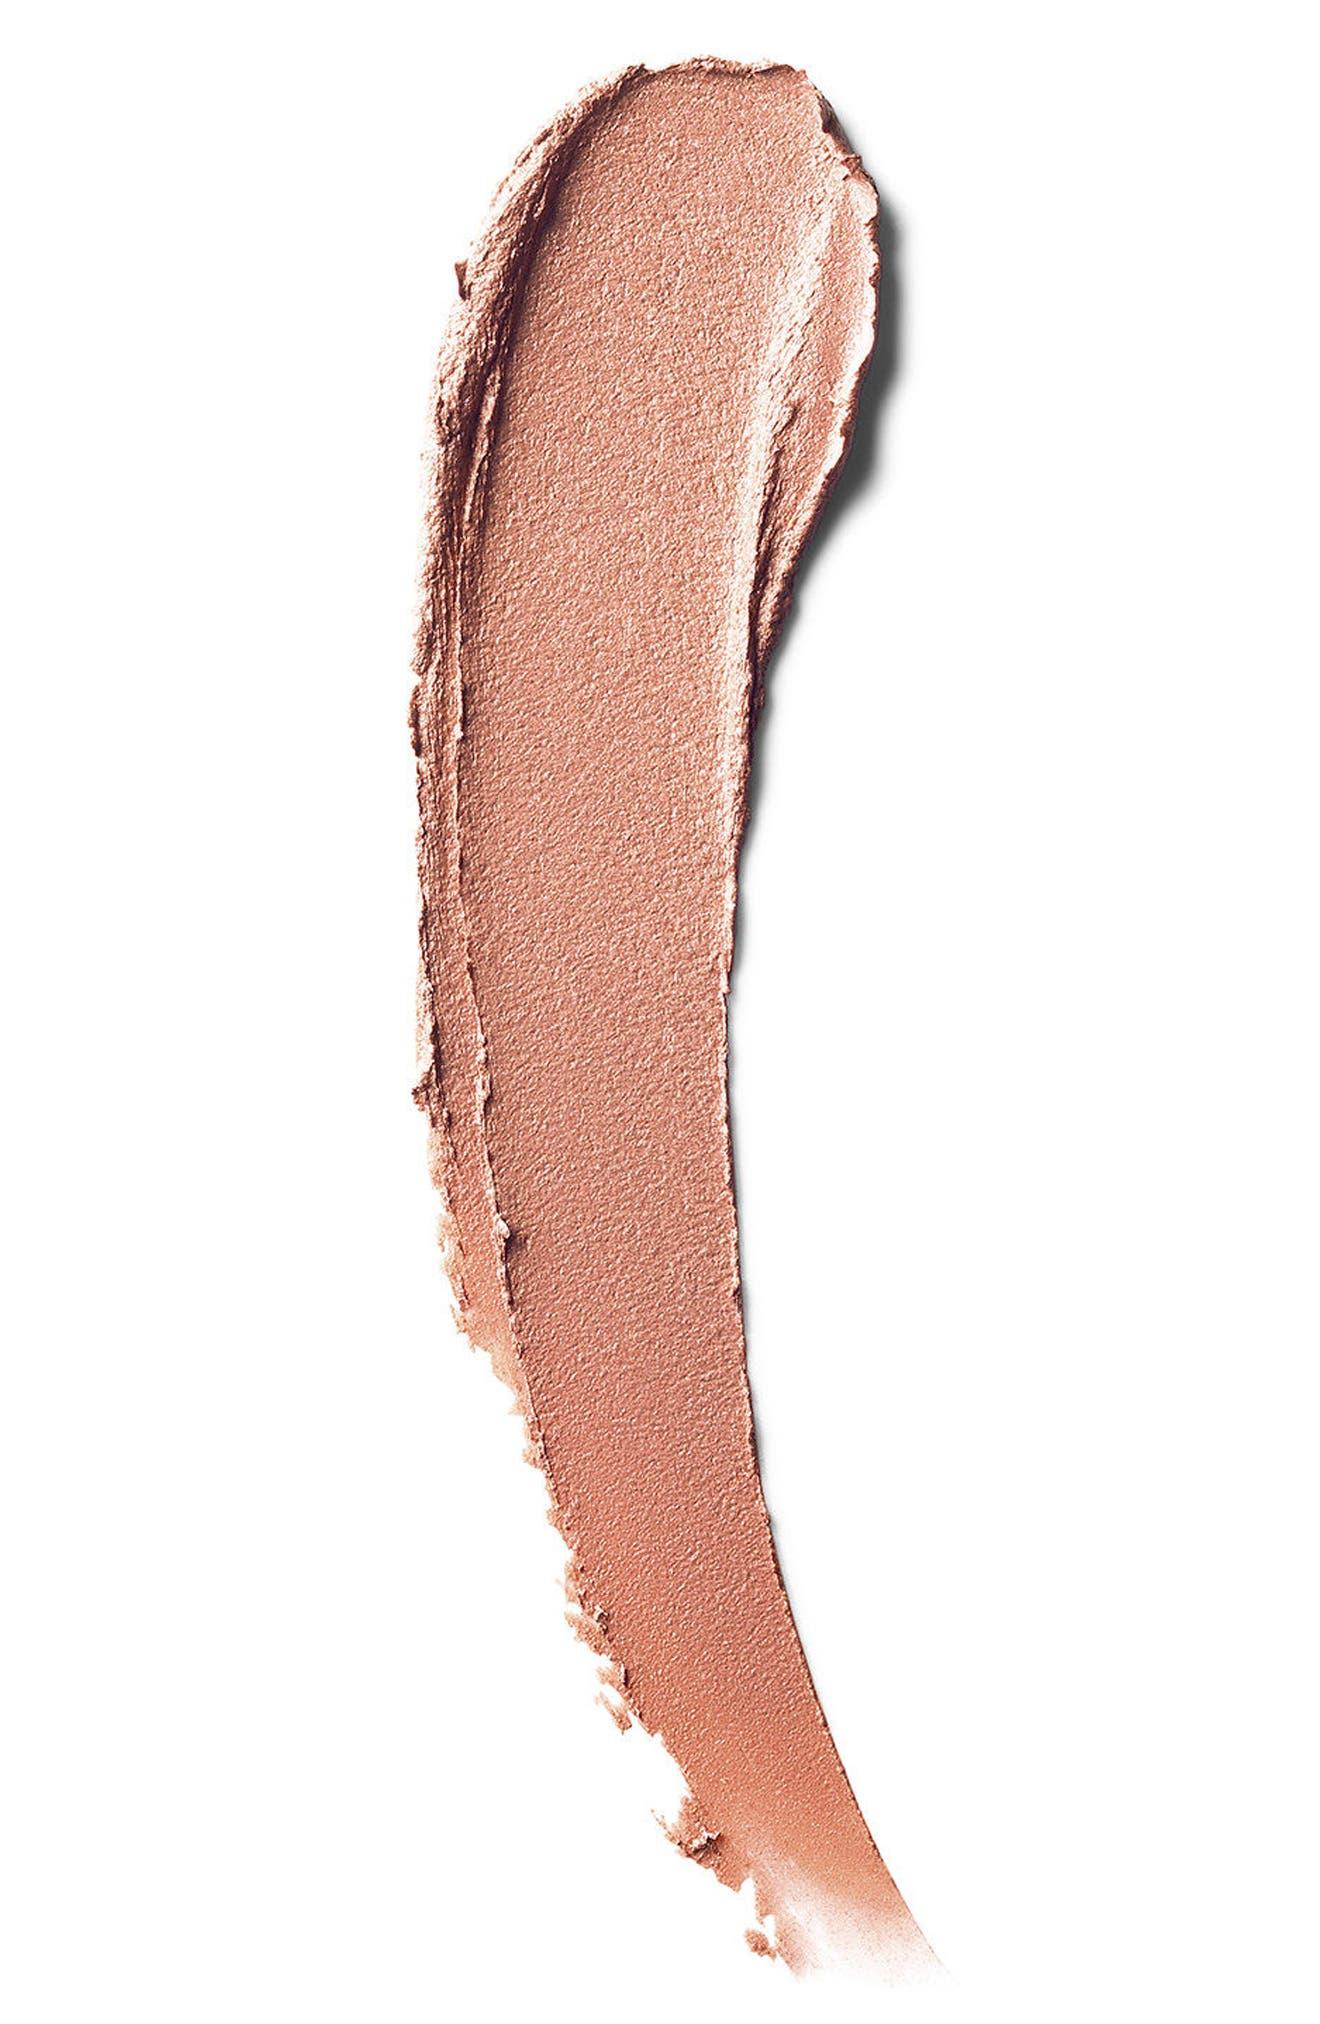 Pure Color Envy Metallic Matte Sculpting Lipstick,                             Alternate thumbnail 2, color,                             200